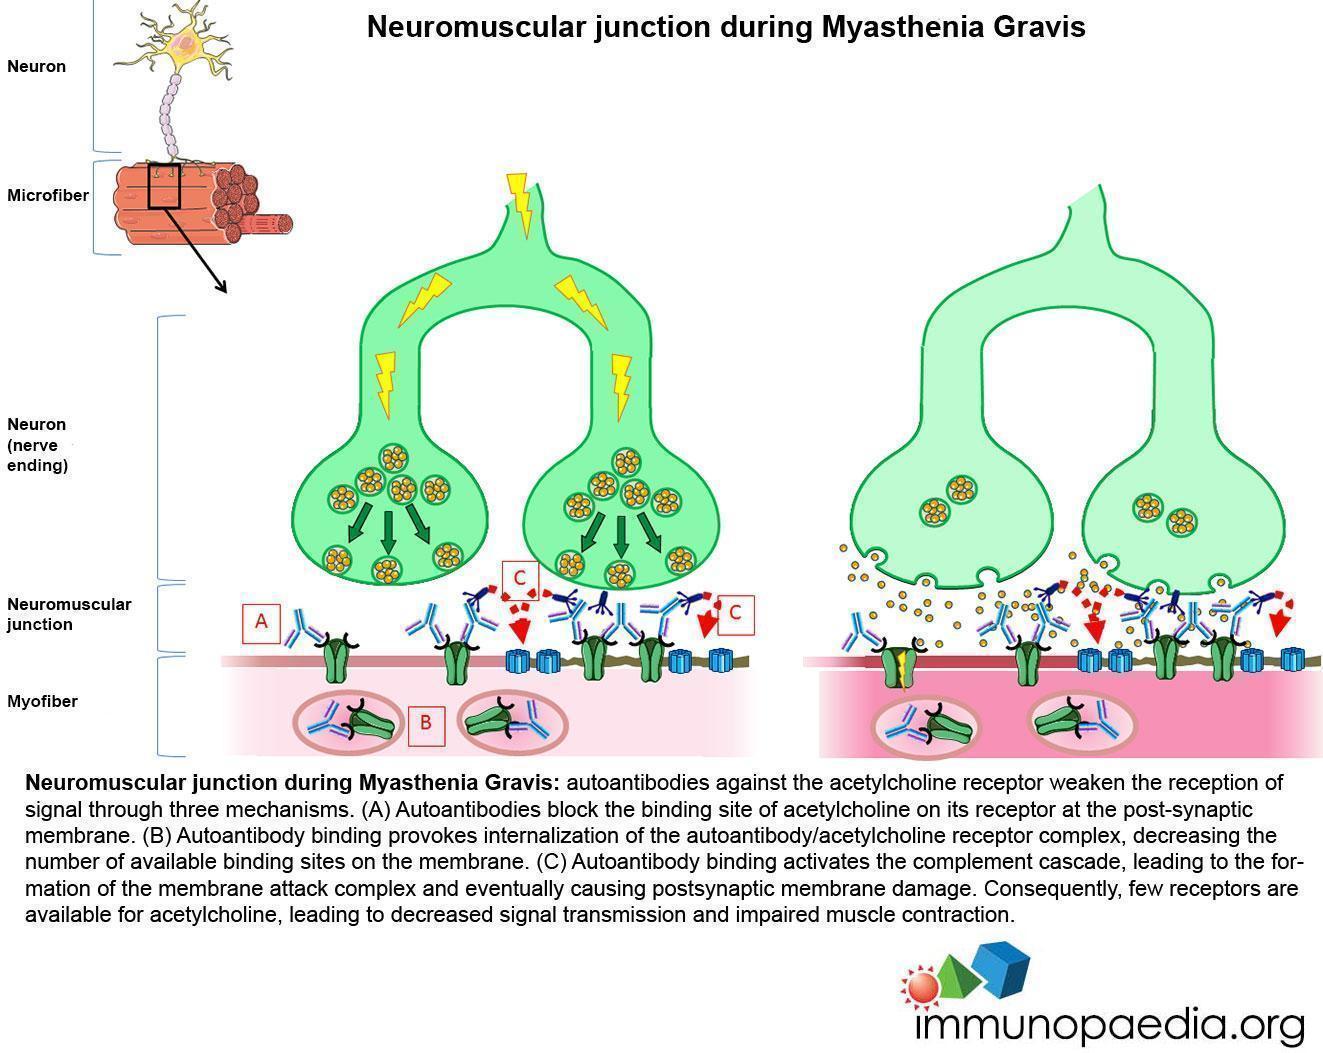 Neuromuscular junction during Myasthenia Gravis